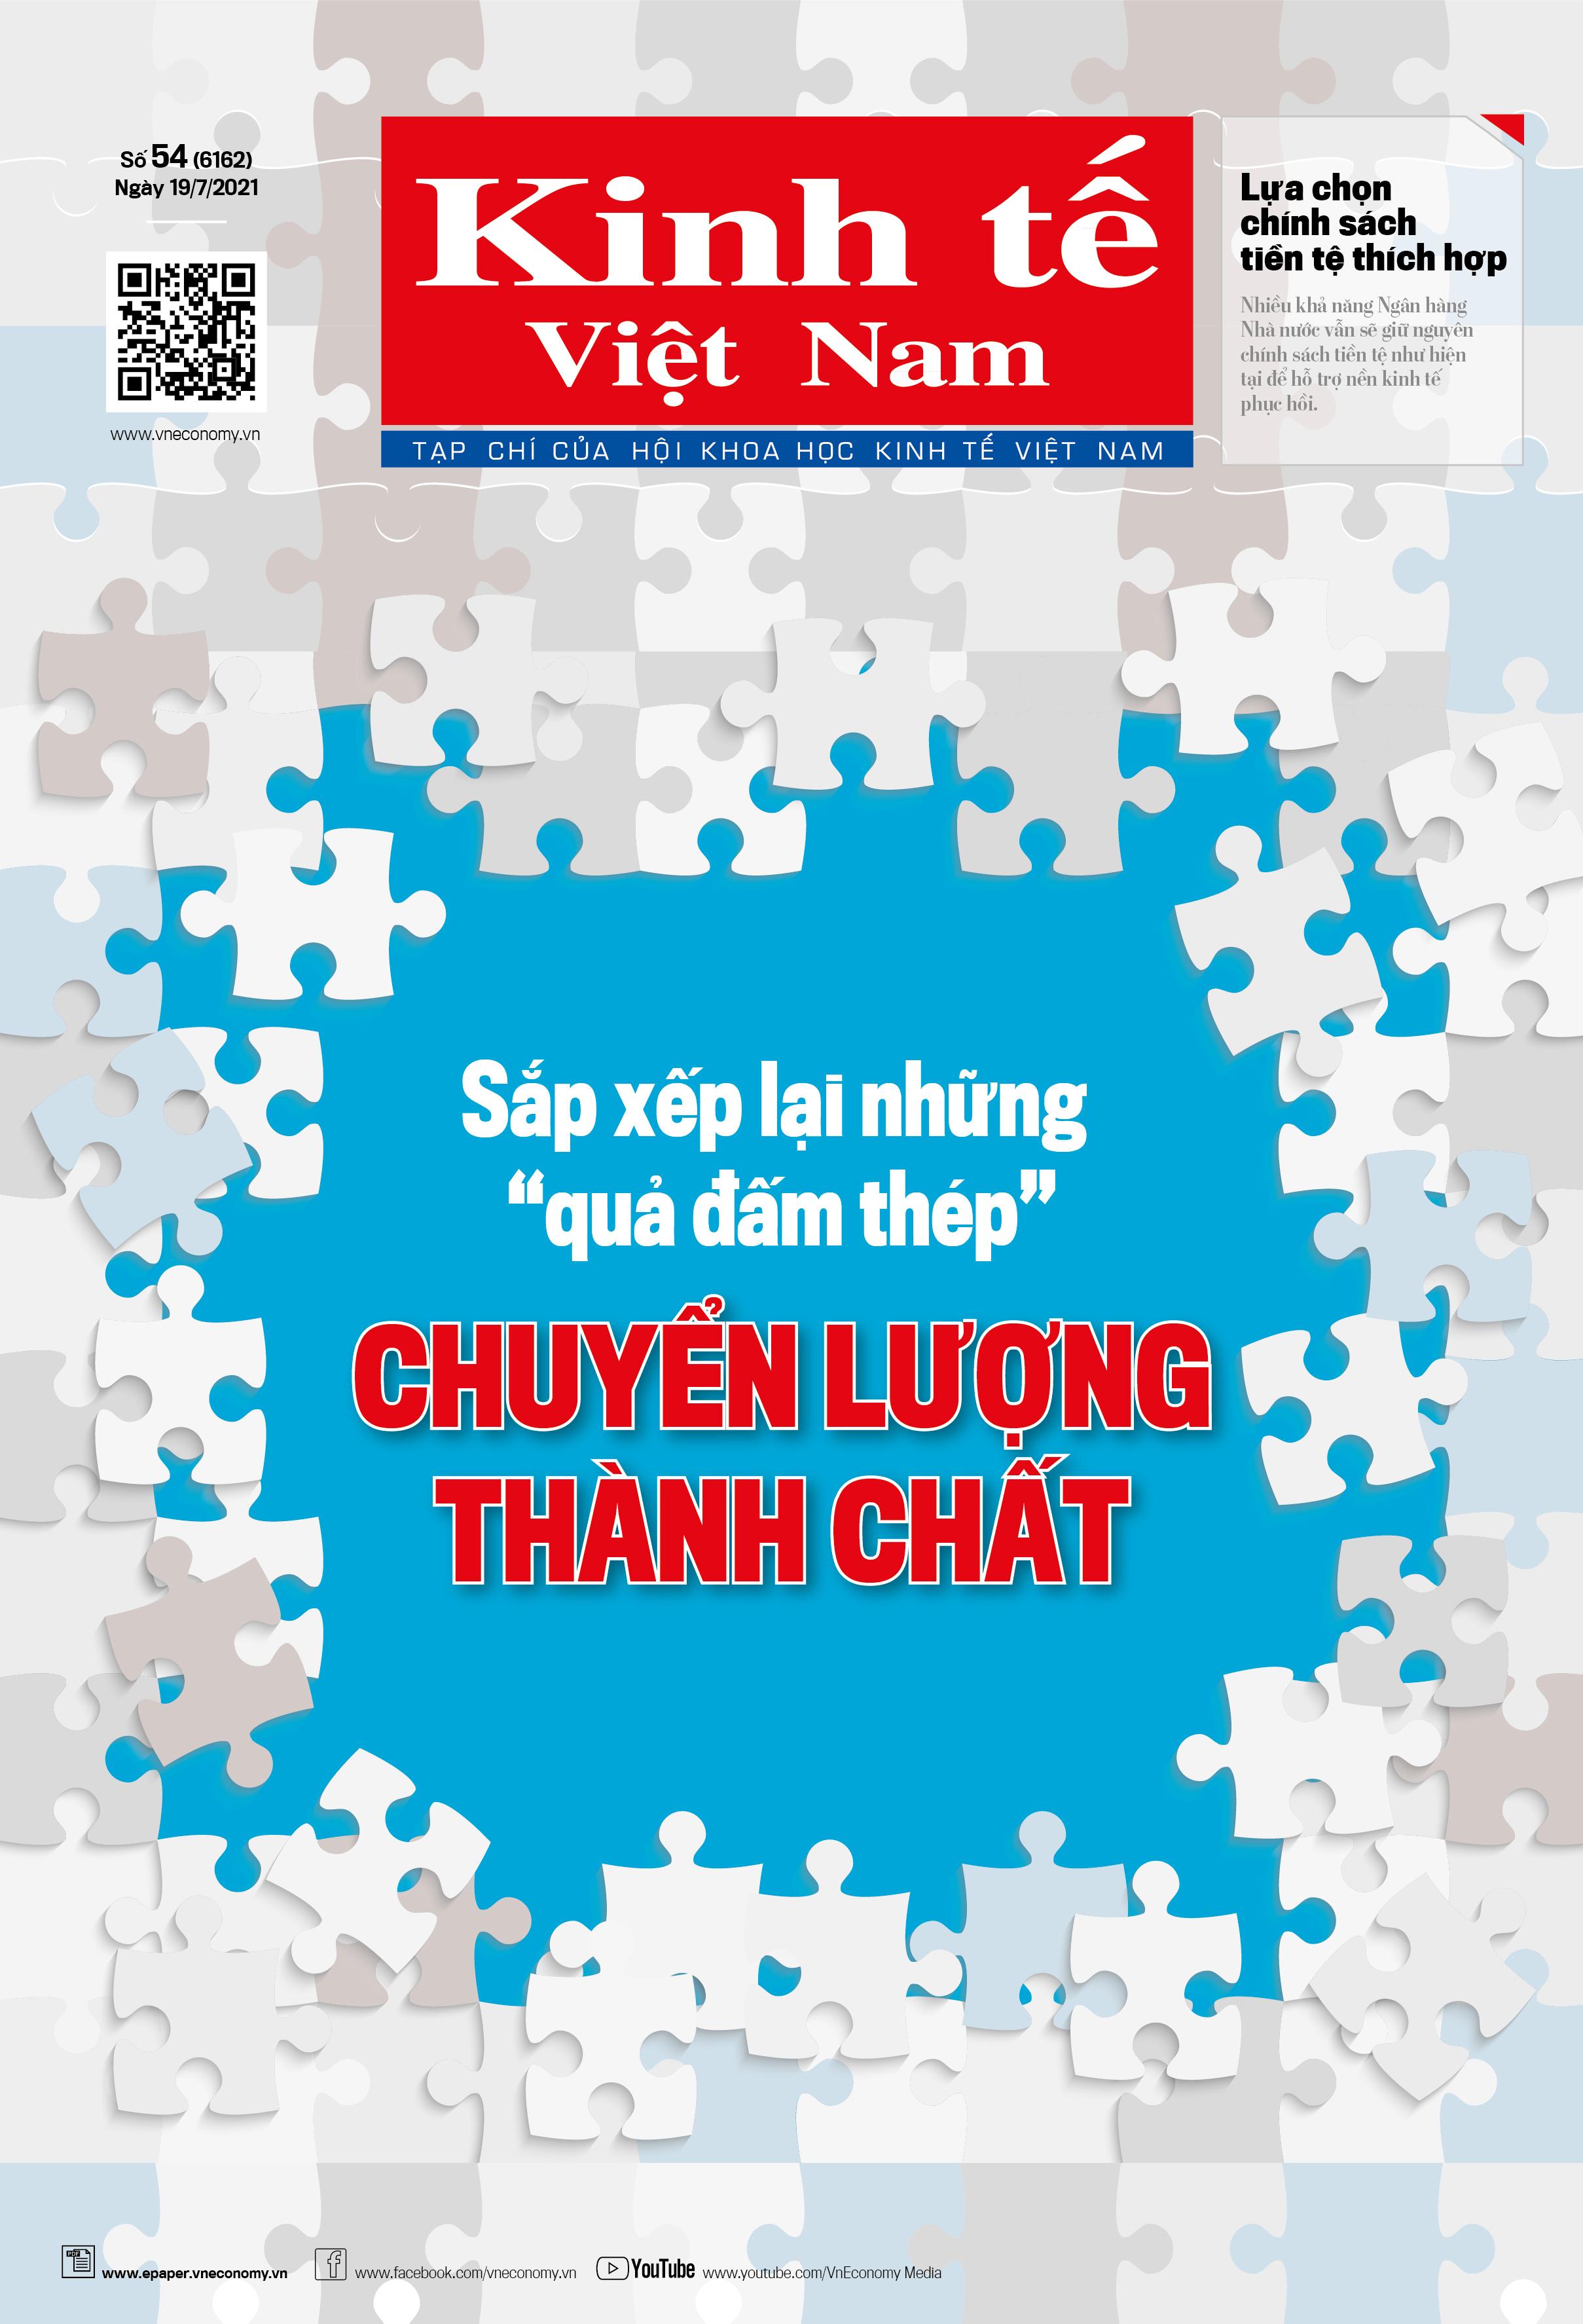 Kinh tế Việt Nam bộ mới số 54-2021.